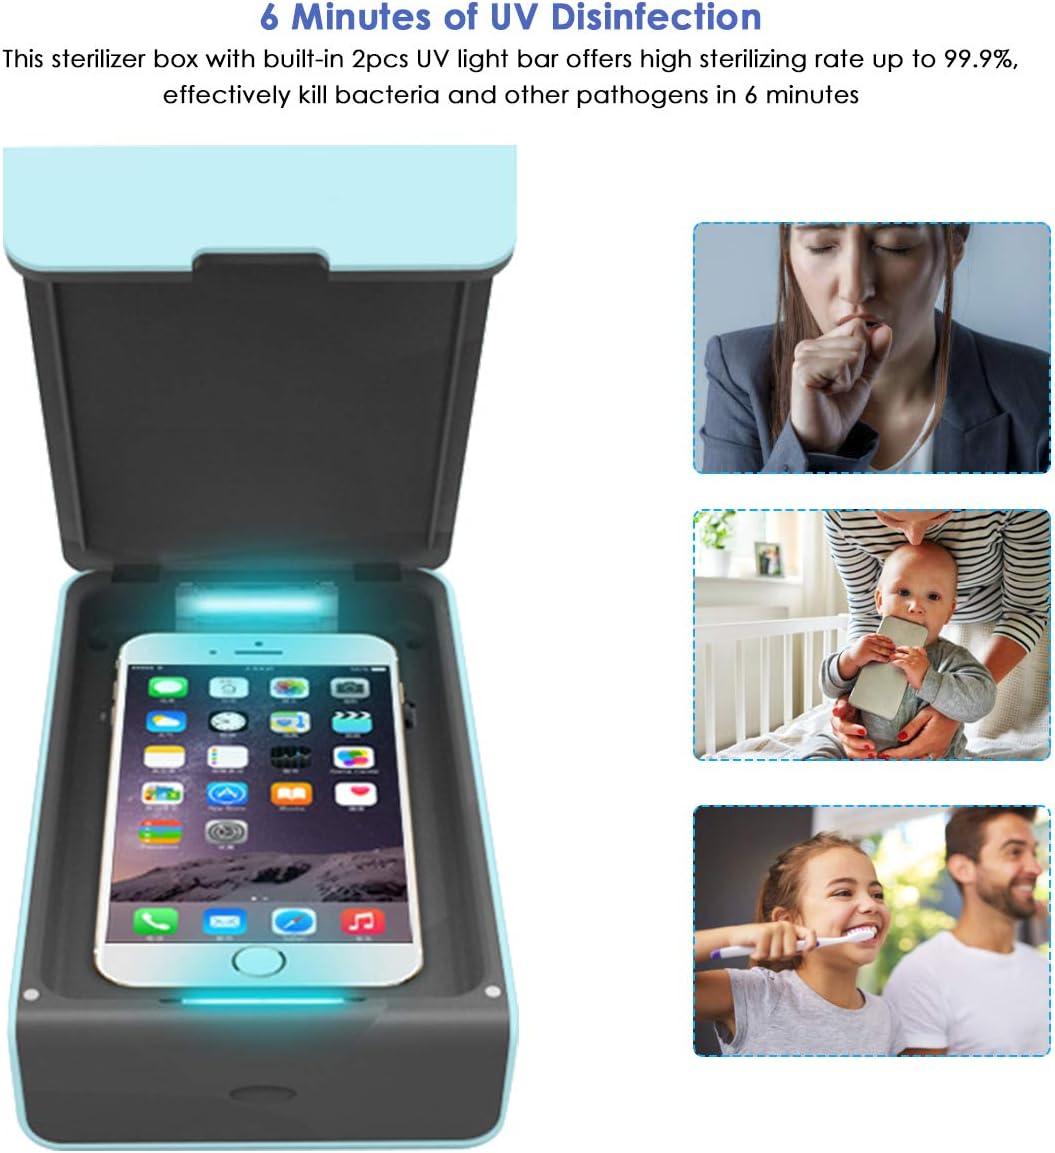 Borlai Sterilizzatore UV Scatola Disinfezione Telefono Portatile Maschera Spazzolino Sterilizzatore con Cavo USB